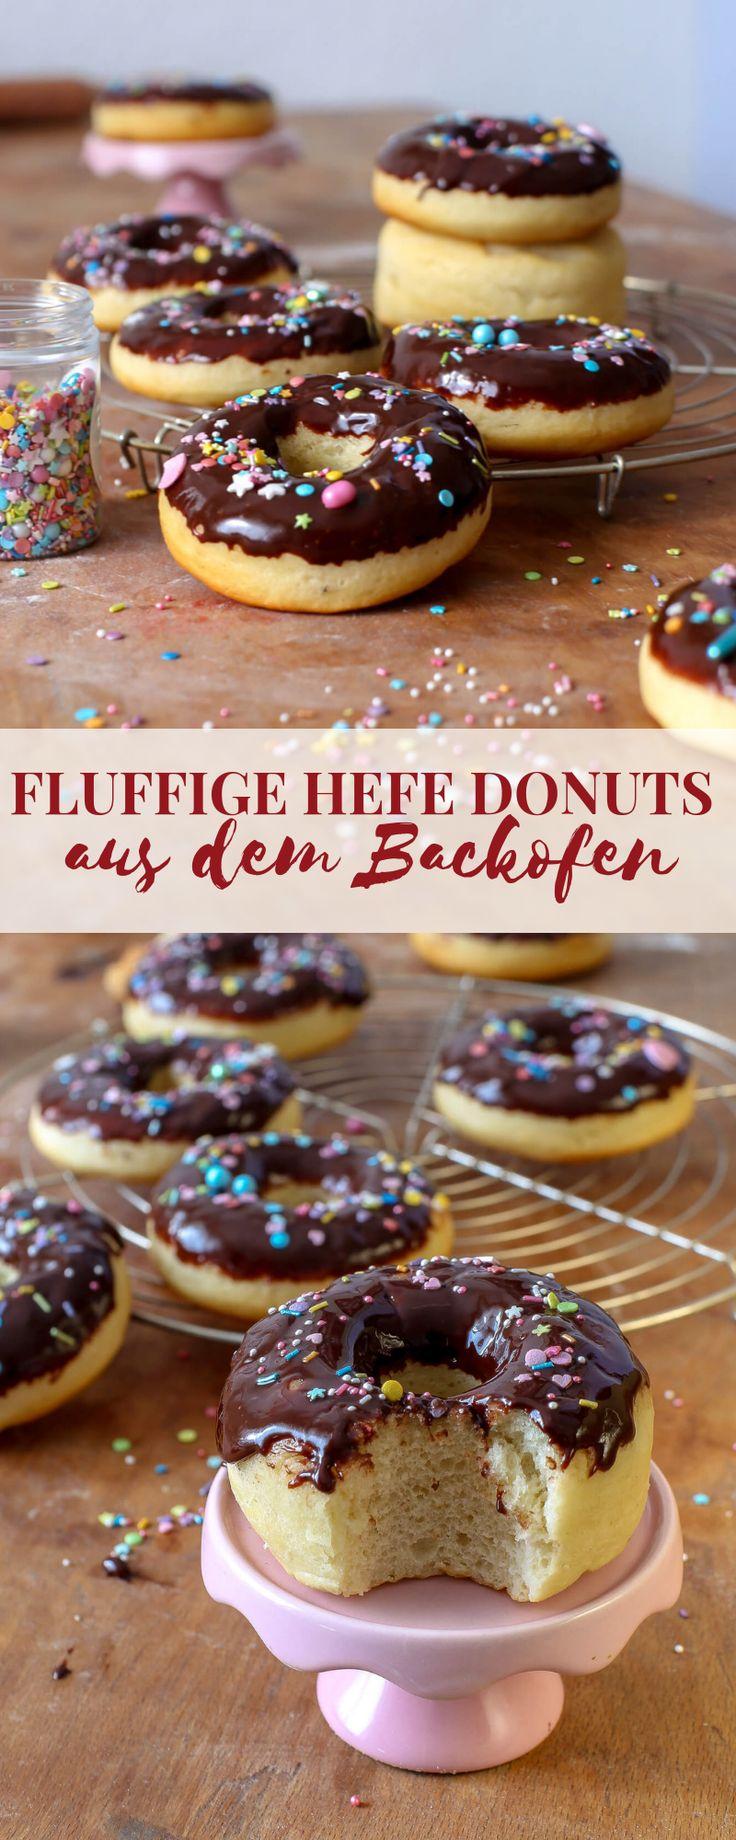 Wie wäre es mit ein paar ultra fluffigen Donuts aus dem Backofen mit köstliche…